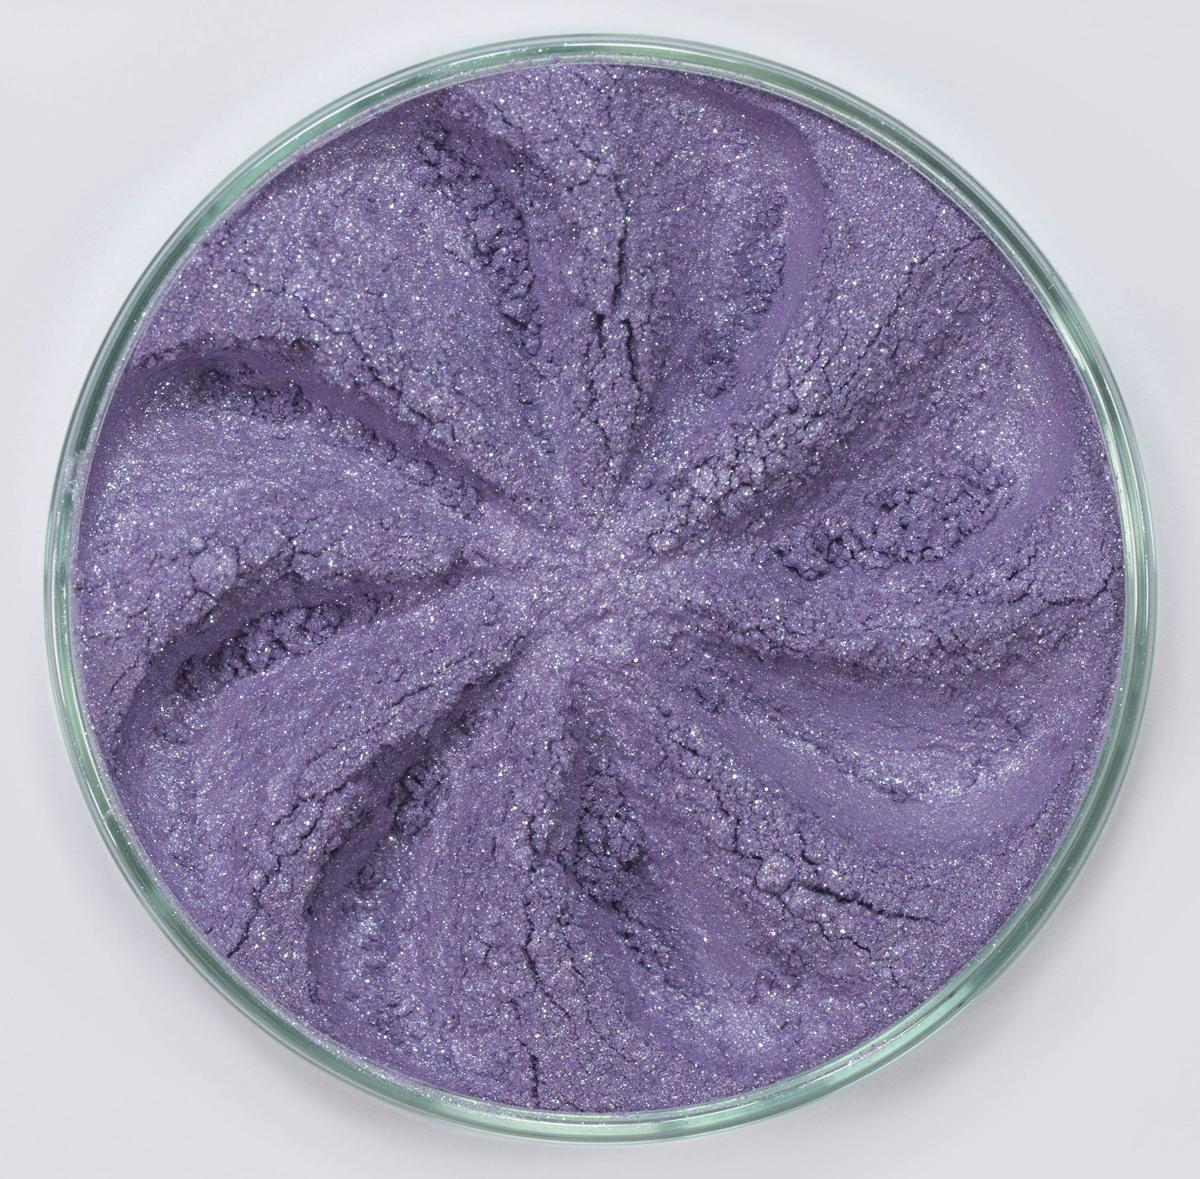 Era Minerals Минеральные Тени для век Jewel тон J26 (светло-аметистовый), 4 млEYJ26Тени для век Jewel обеспечивают комплексное покрытие, своим сиянием напоминающее как глубину, так и лучезарный блеск драгоценного камня. Текстура теней содержит в себе цвет-основу с содержанием крошечных мерцающих частиц, превосходно сочетающихся с основным цветом. Сильные и яркие минеральные пигменты Можно наносить как влажным, так и сухим способом Без отдушек и содержания масел, для всех типов кожи Дерматологически протестировано, не аллергенно Не тестировано на животных Вес нетто 1г (стандартный размер)